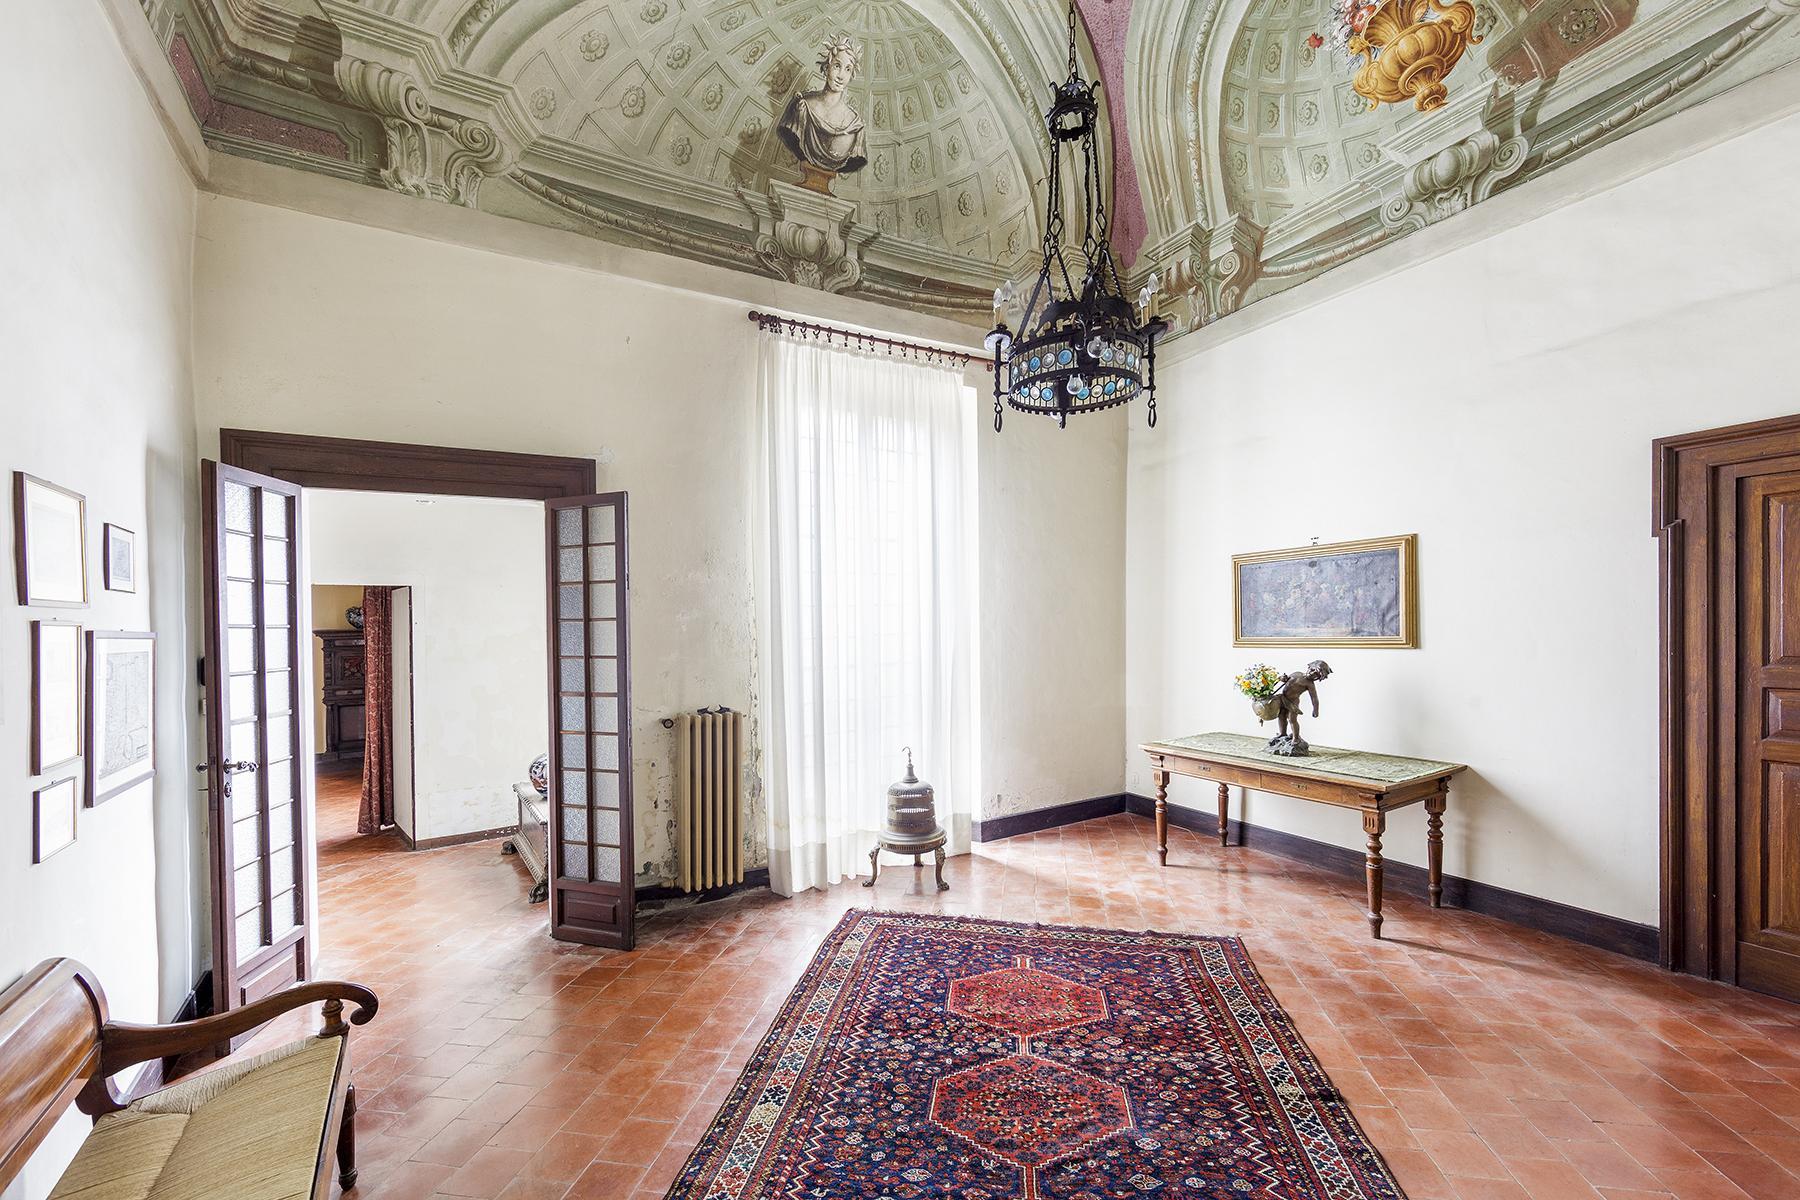 Glorious Renaissance Palace - 5